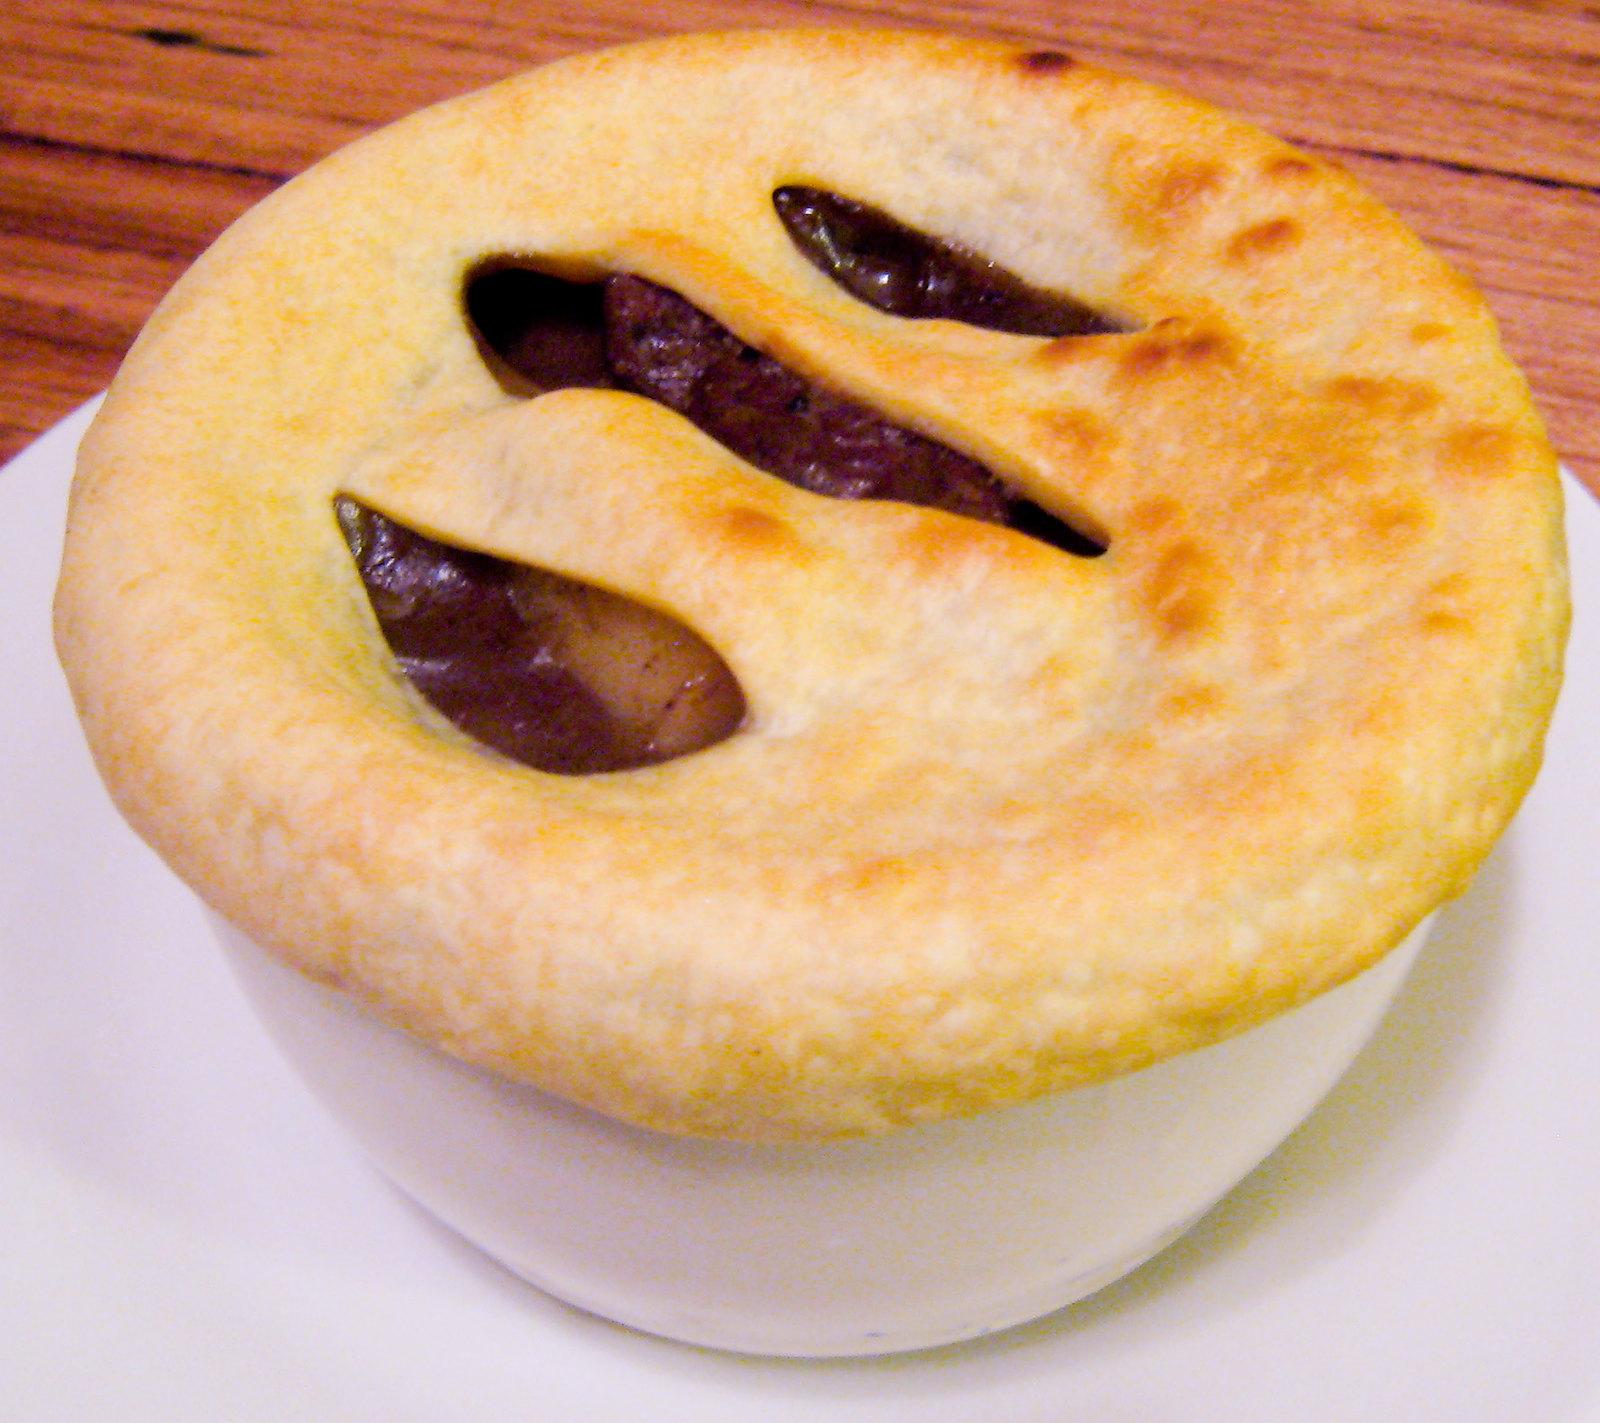 16.4.1 Kidney Pie